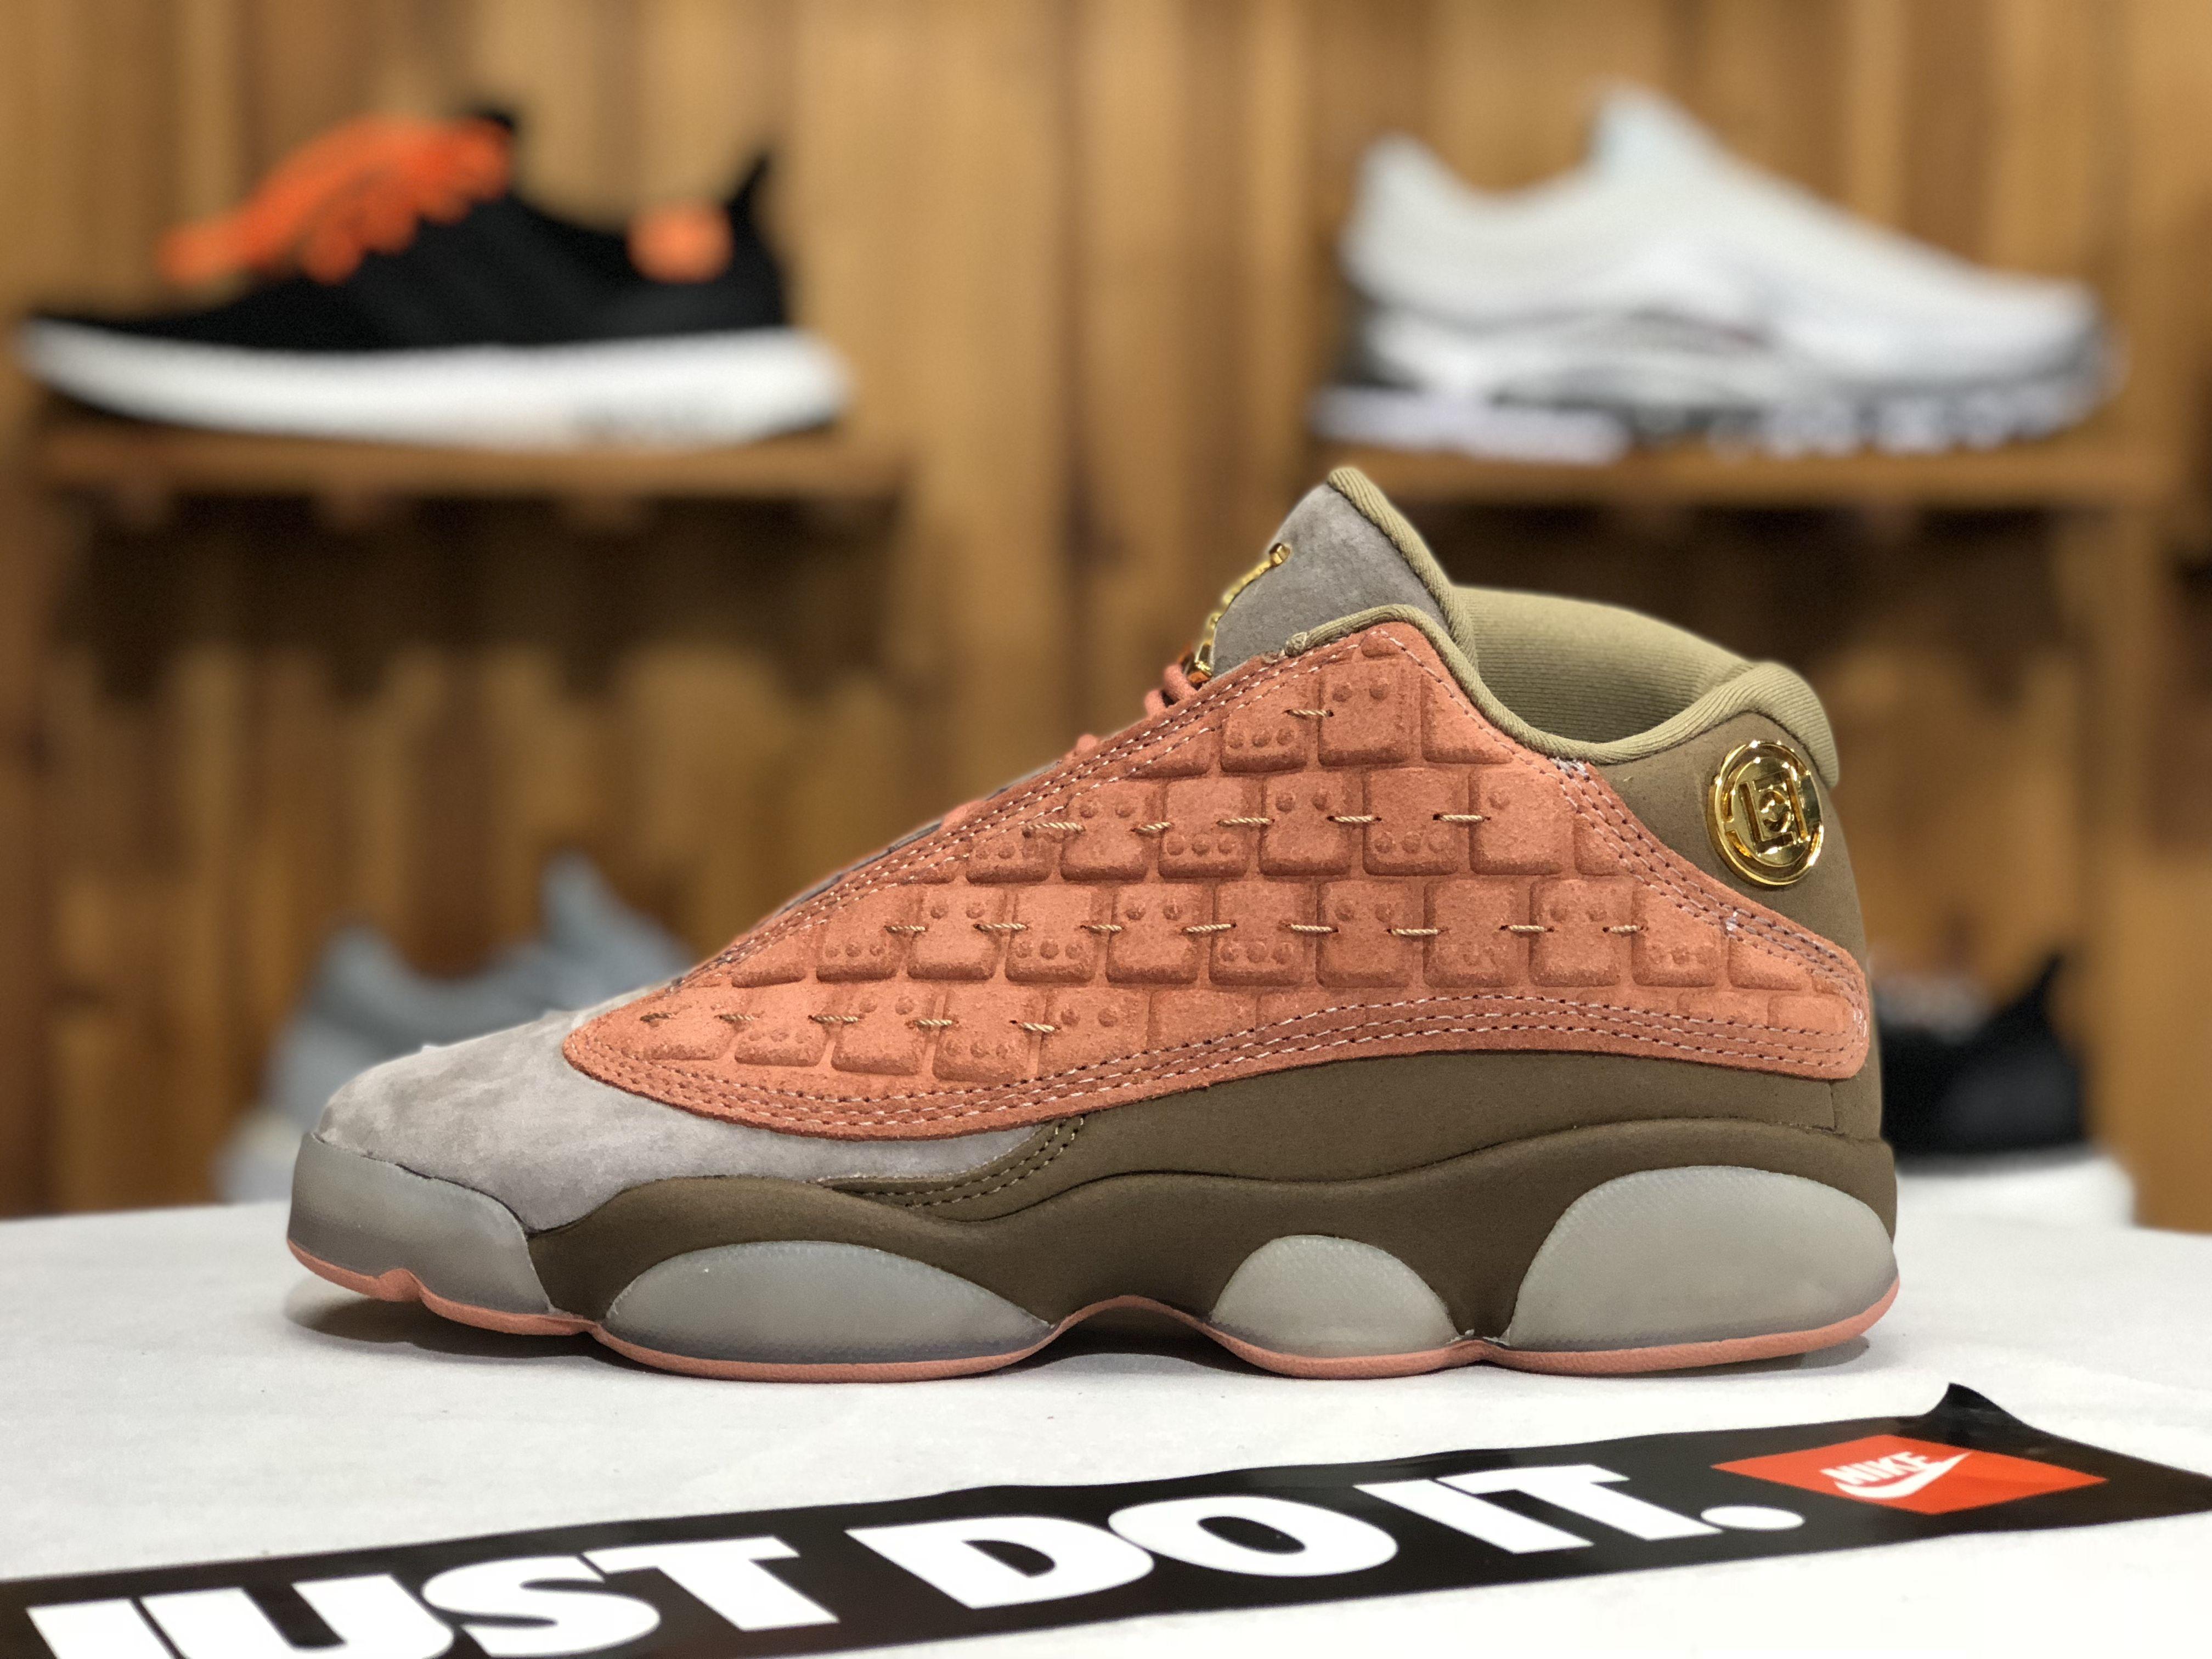 aa6daa29832 Buy CLOT x Air Jordan 13 Retro Low Sepia Stone/Canteen-Terra Blush ...